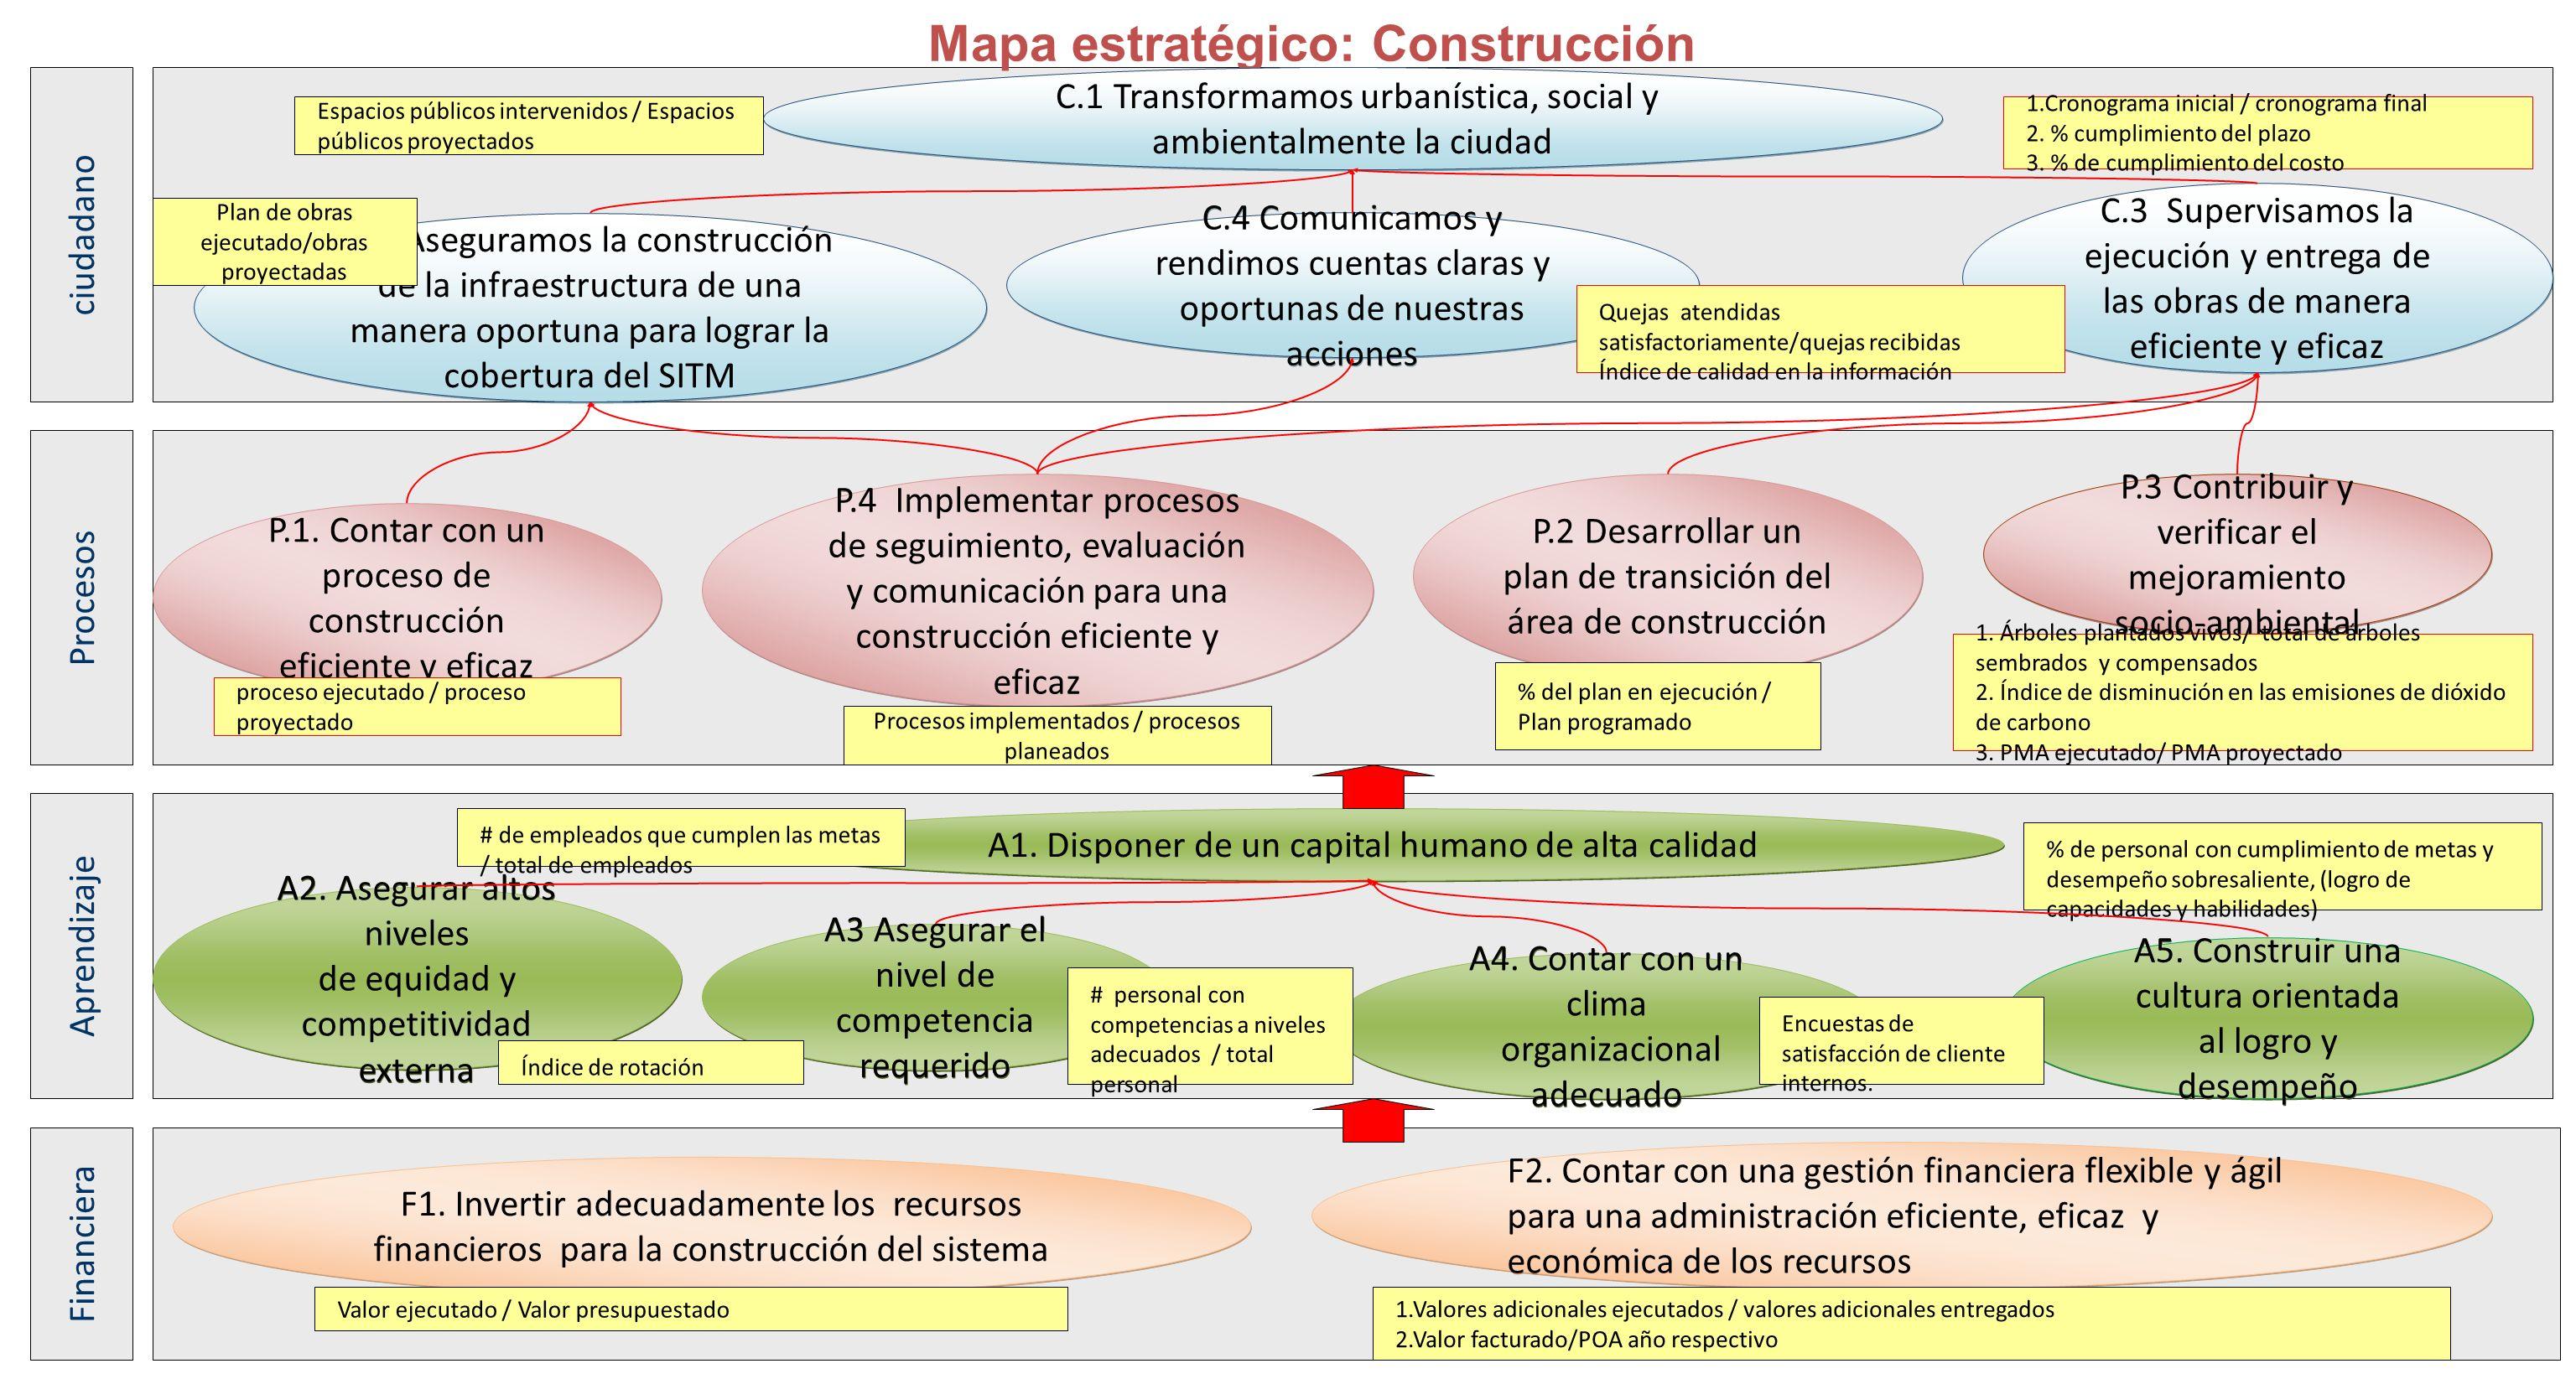 Procesos Aprendizaje Financiera ciudadano Mapa Estratégico: PREDIOS C.2 Adquirimos predios de manera legal, ágil y oportuna C.3 Realizamos un acompañamiento completo y eficaz (formativo, técnico, socioeconómico y jurídico) al propietario de los predios C.1 Contribuimos a la transformación Urbanística, social y ambiental de la ciudad C.1 Contribuimos a la transformación Urbanística, social y ambiental de la ciudad C.4Comunicamos y rendimos cuentas de nuestras acciones permanentemente C.4Comunicamos y rendimos cuentas de nuestras acciones permanentemente P2.